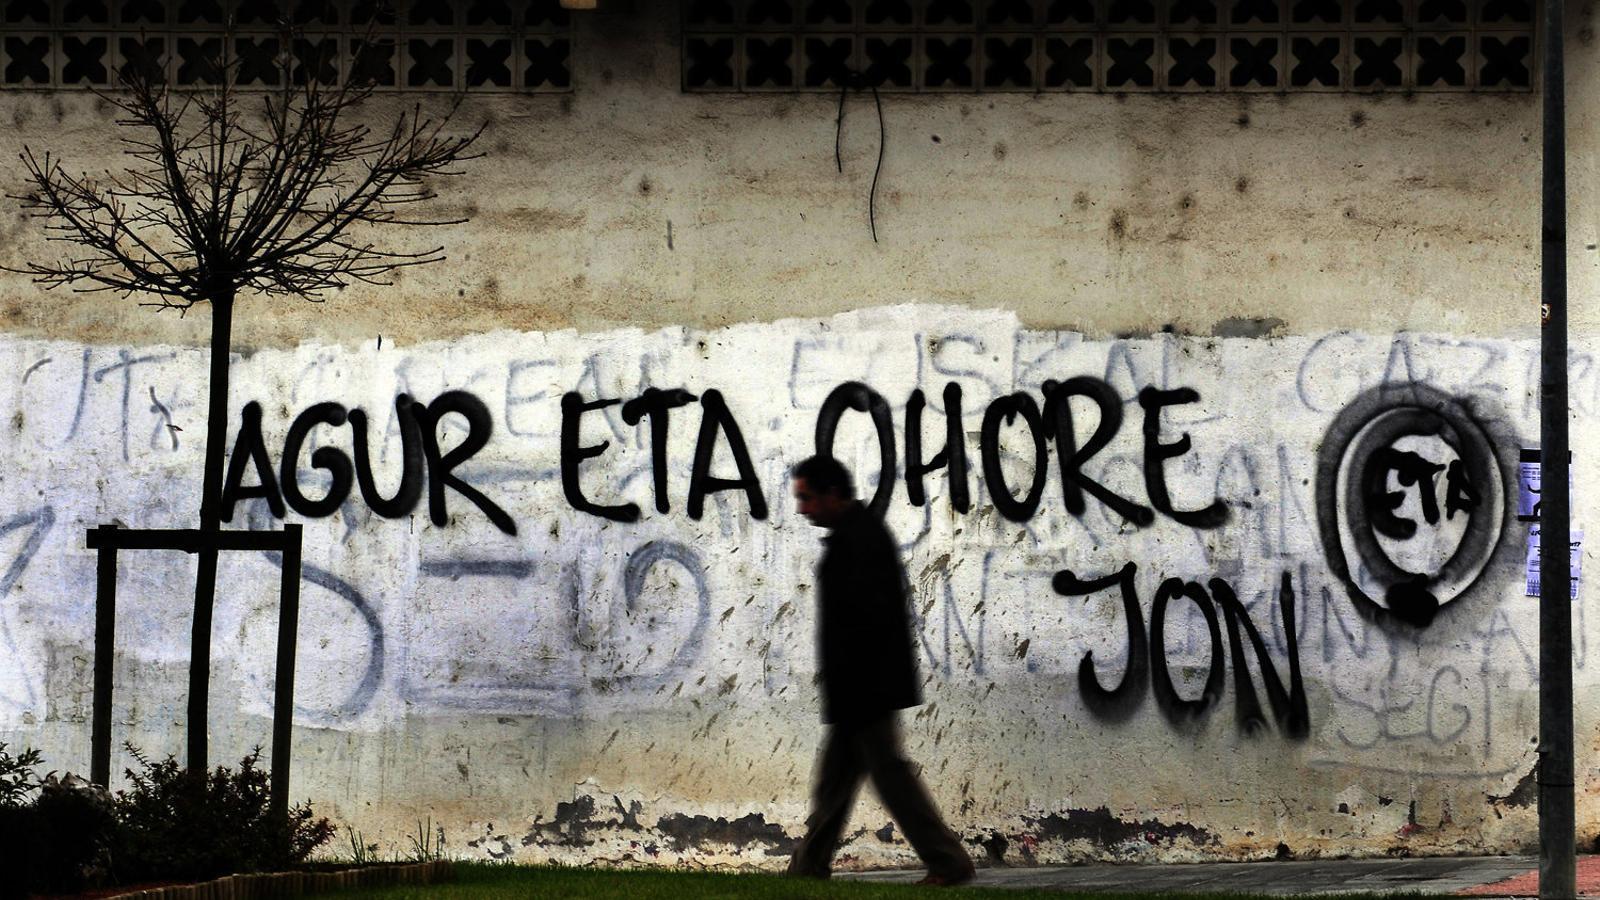 Un home caminant davant d'un mur pintat a Gernika en homenatge a Jon Antza, el cadàver del qual va ser localitzat el 2010.